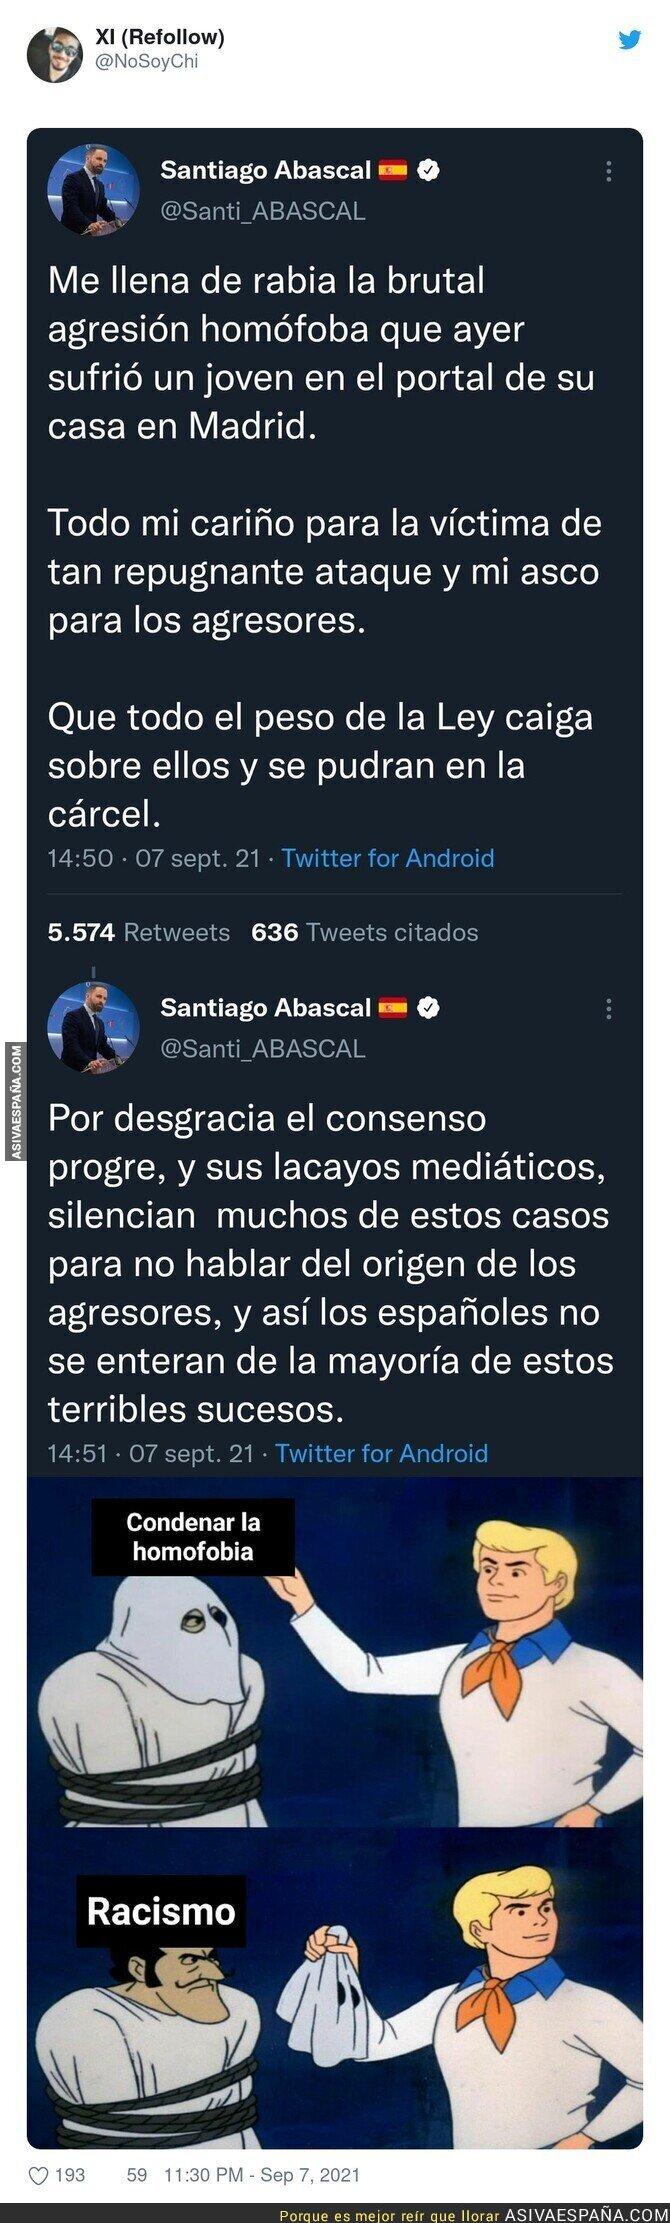 900219 - Brutal: Santiago Abascal condena un ataque homofóbico pero demuestra en el siguiente tuit lo racista que es